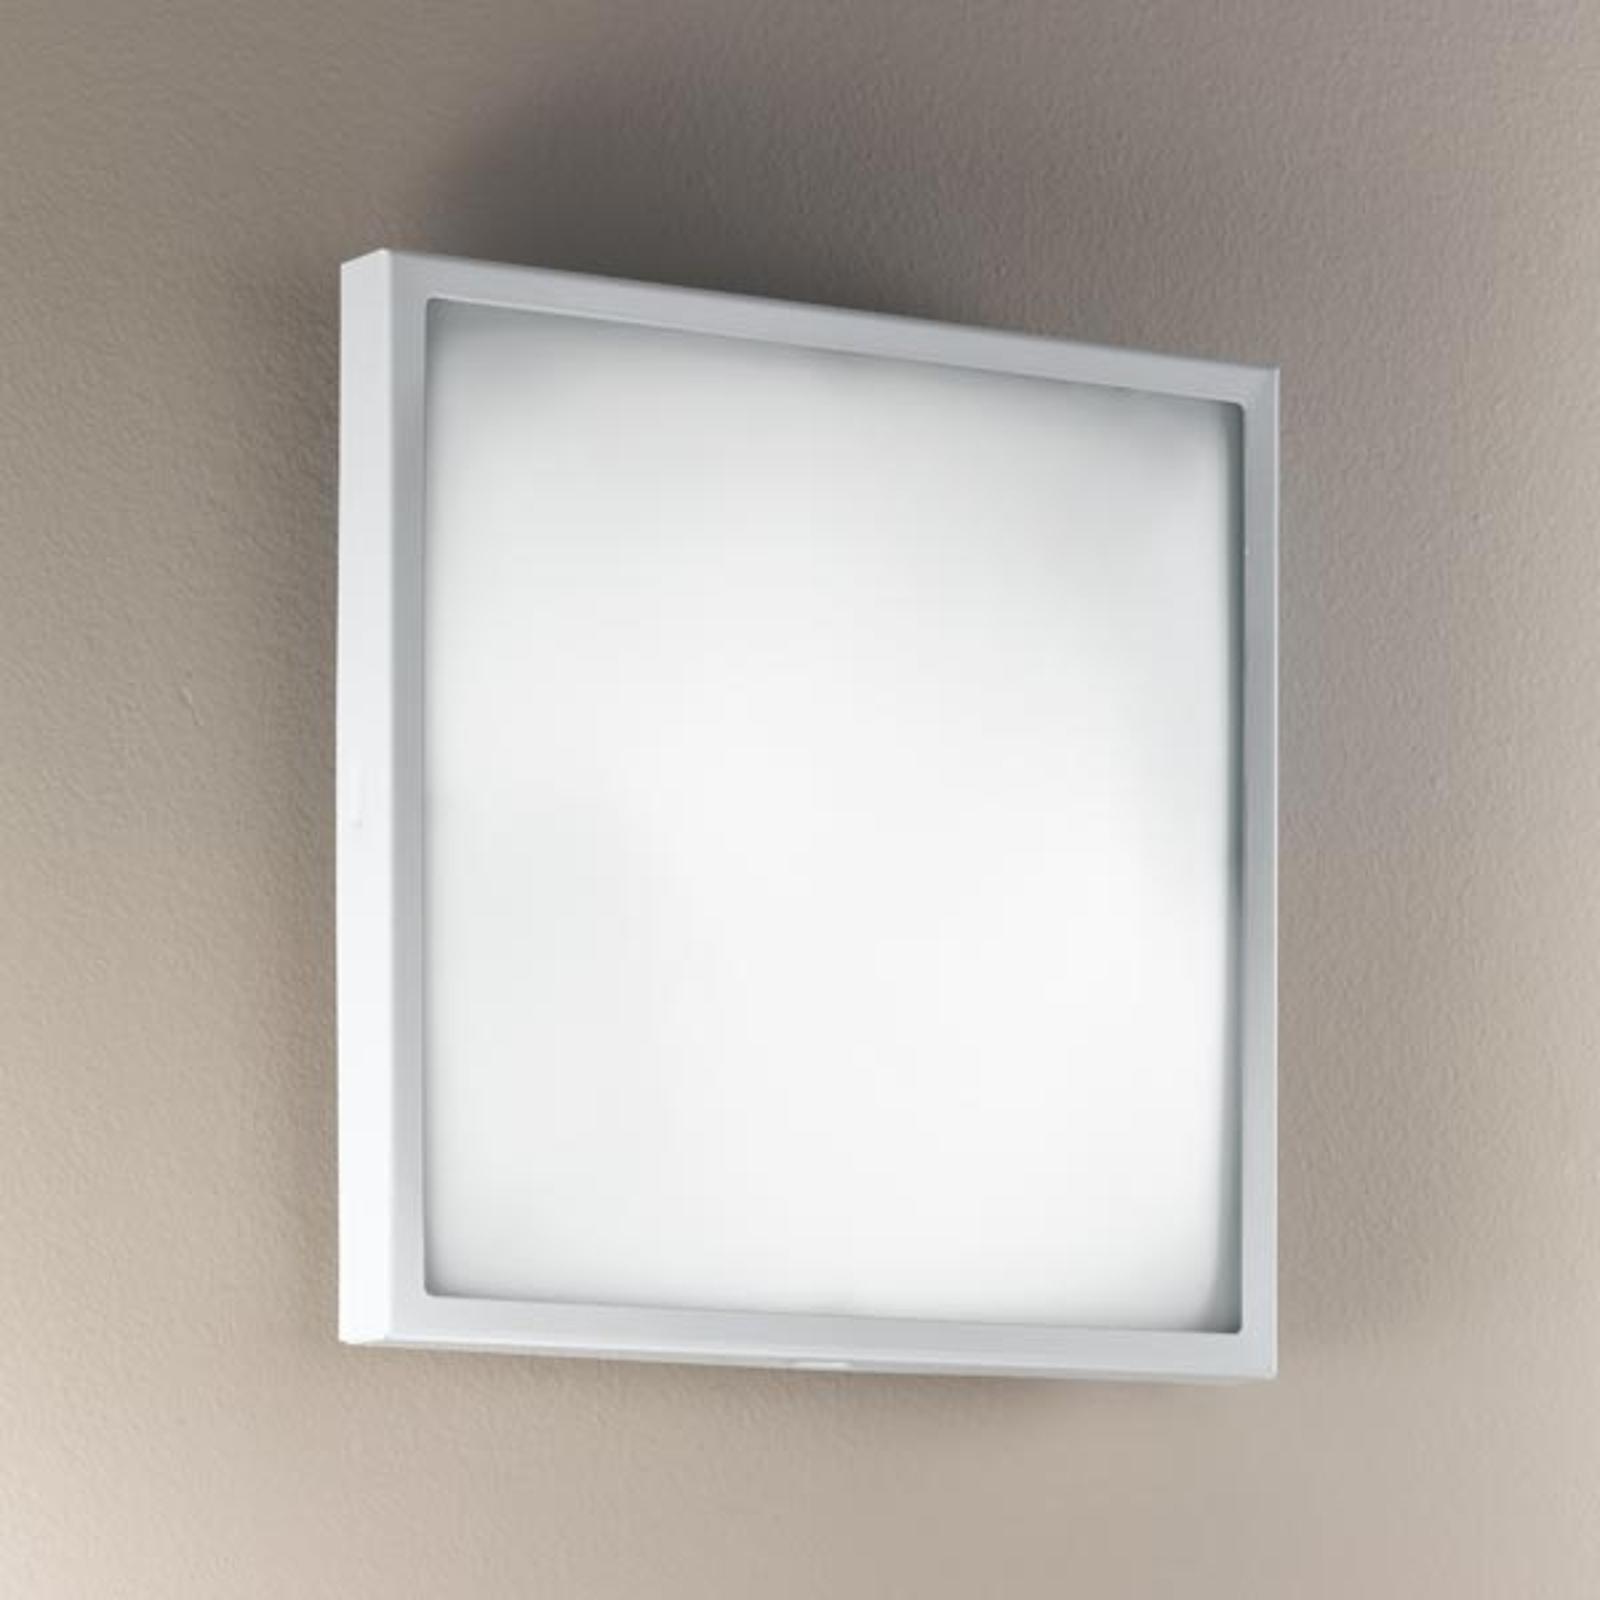 Hvit OSAKA 30 vegglampe og taklampe i glass